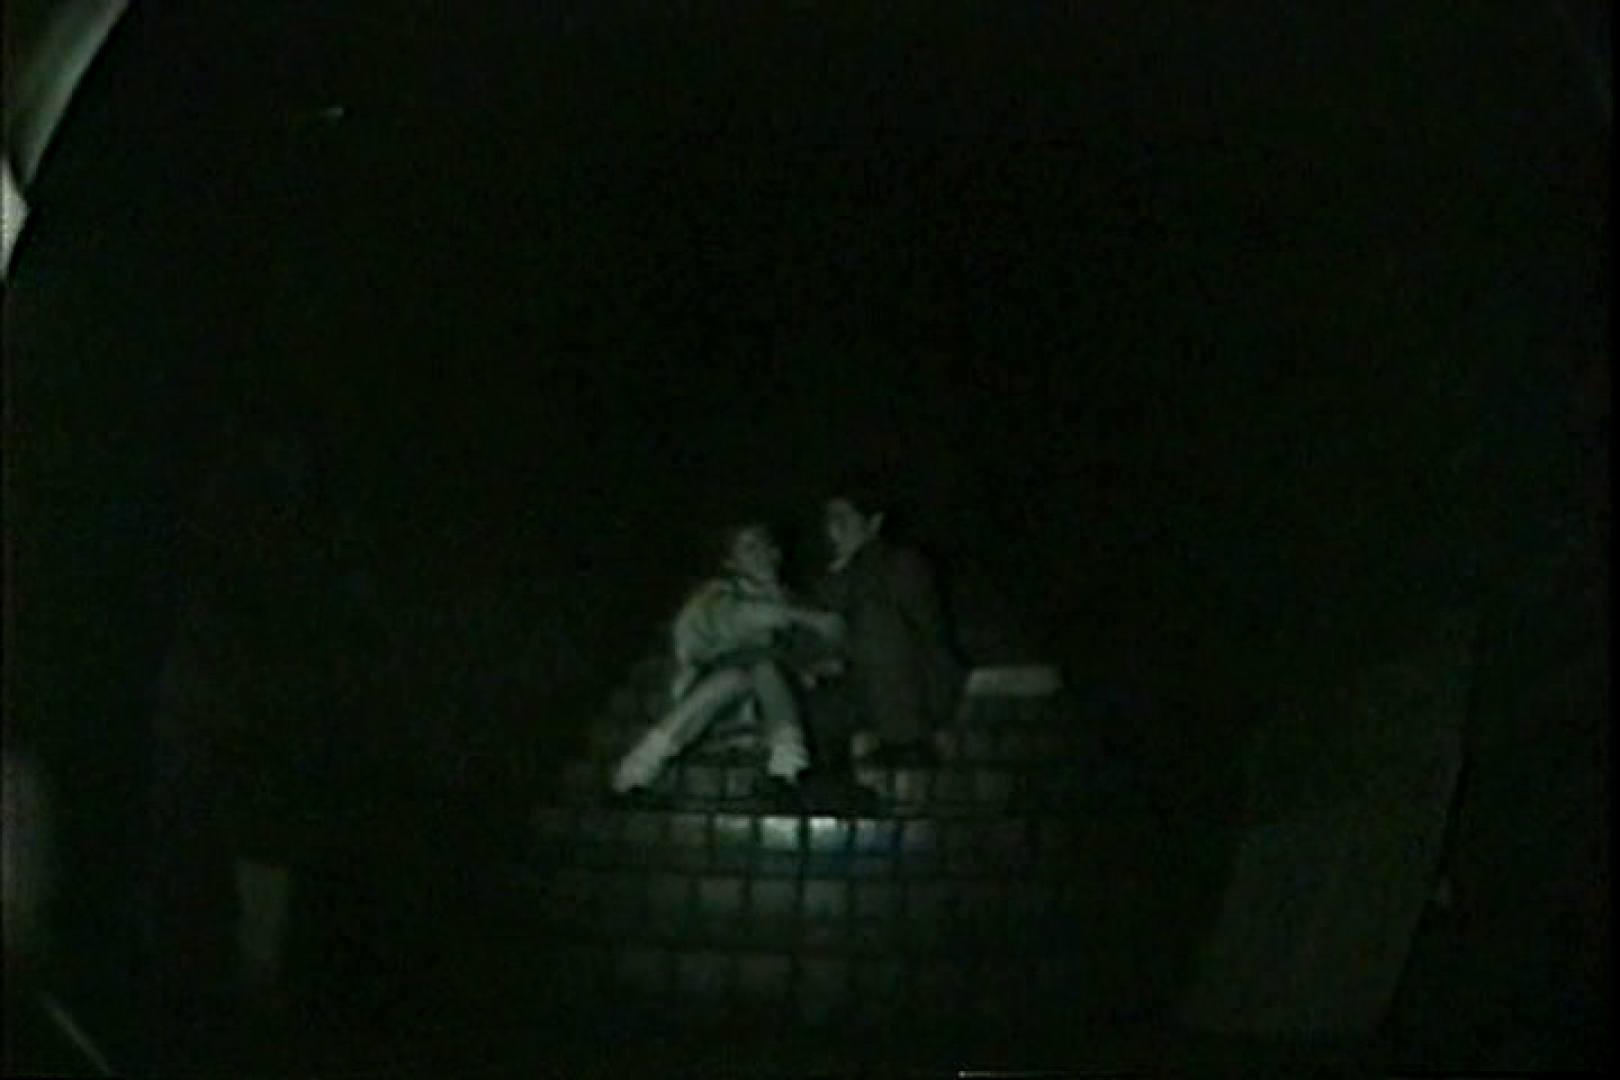 闇の仕掛け人 無修正版 Vol.17 セックス オマンコ動画キャプチャ 102pic 99